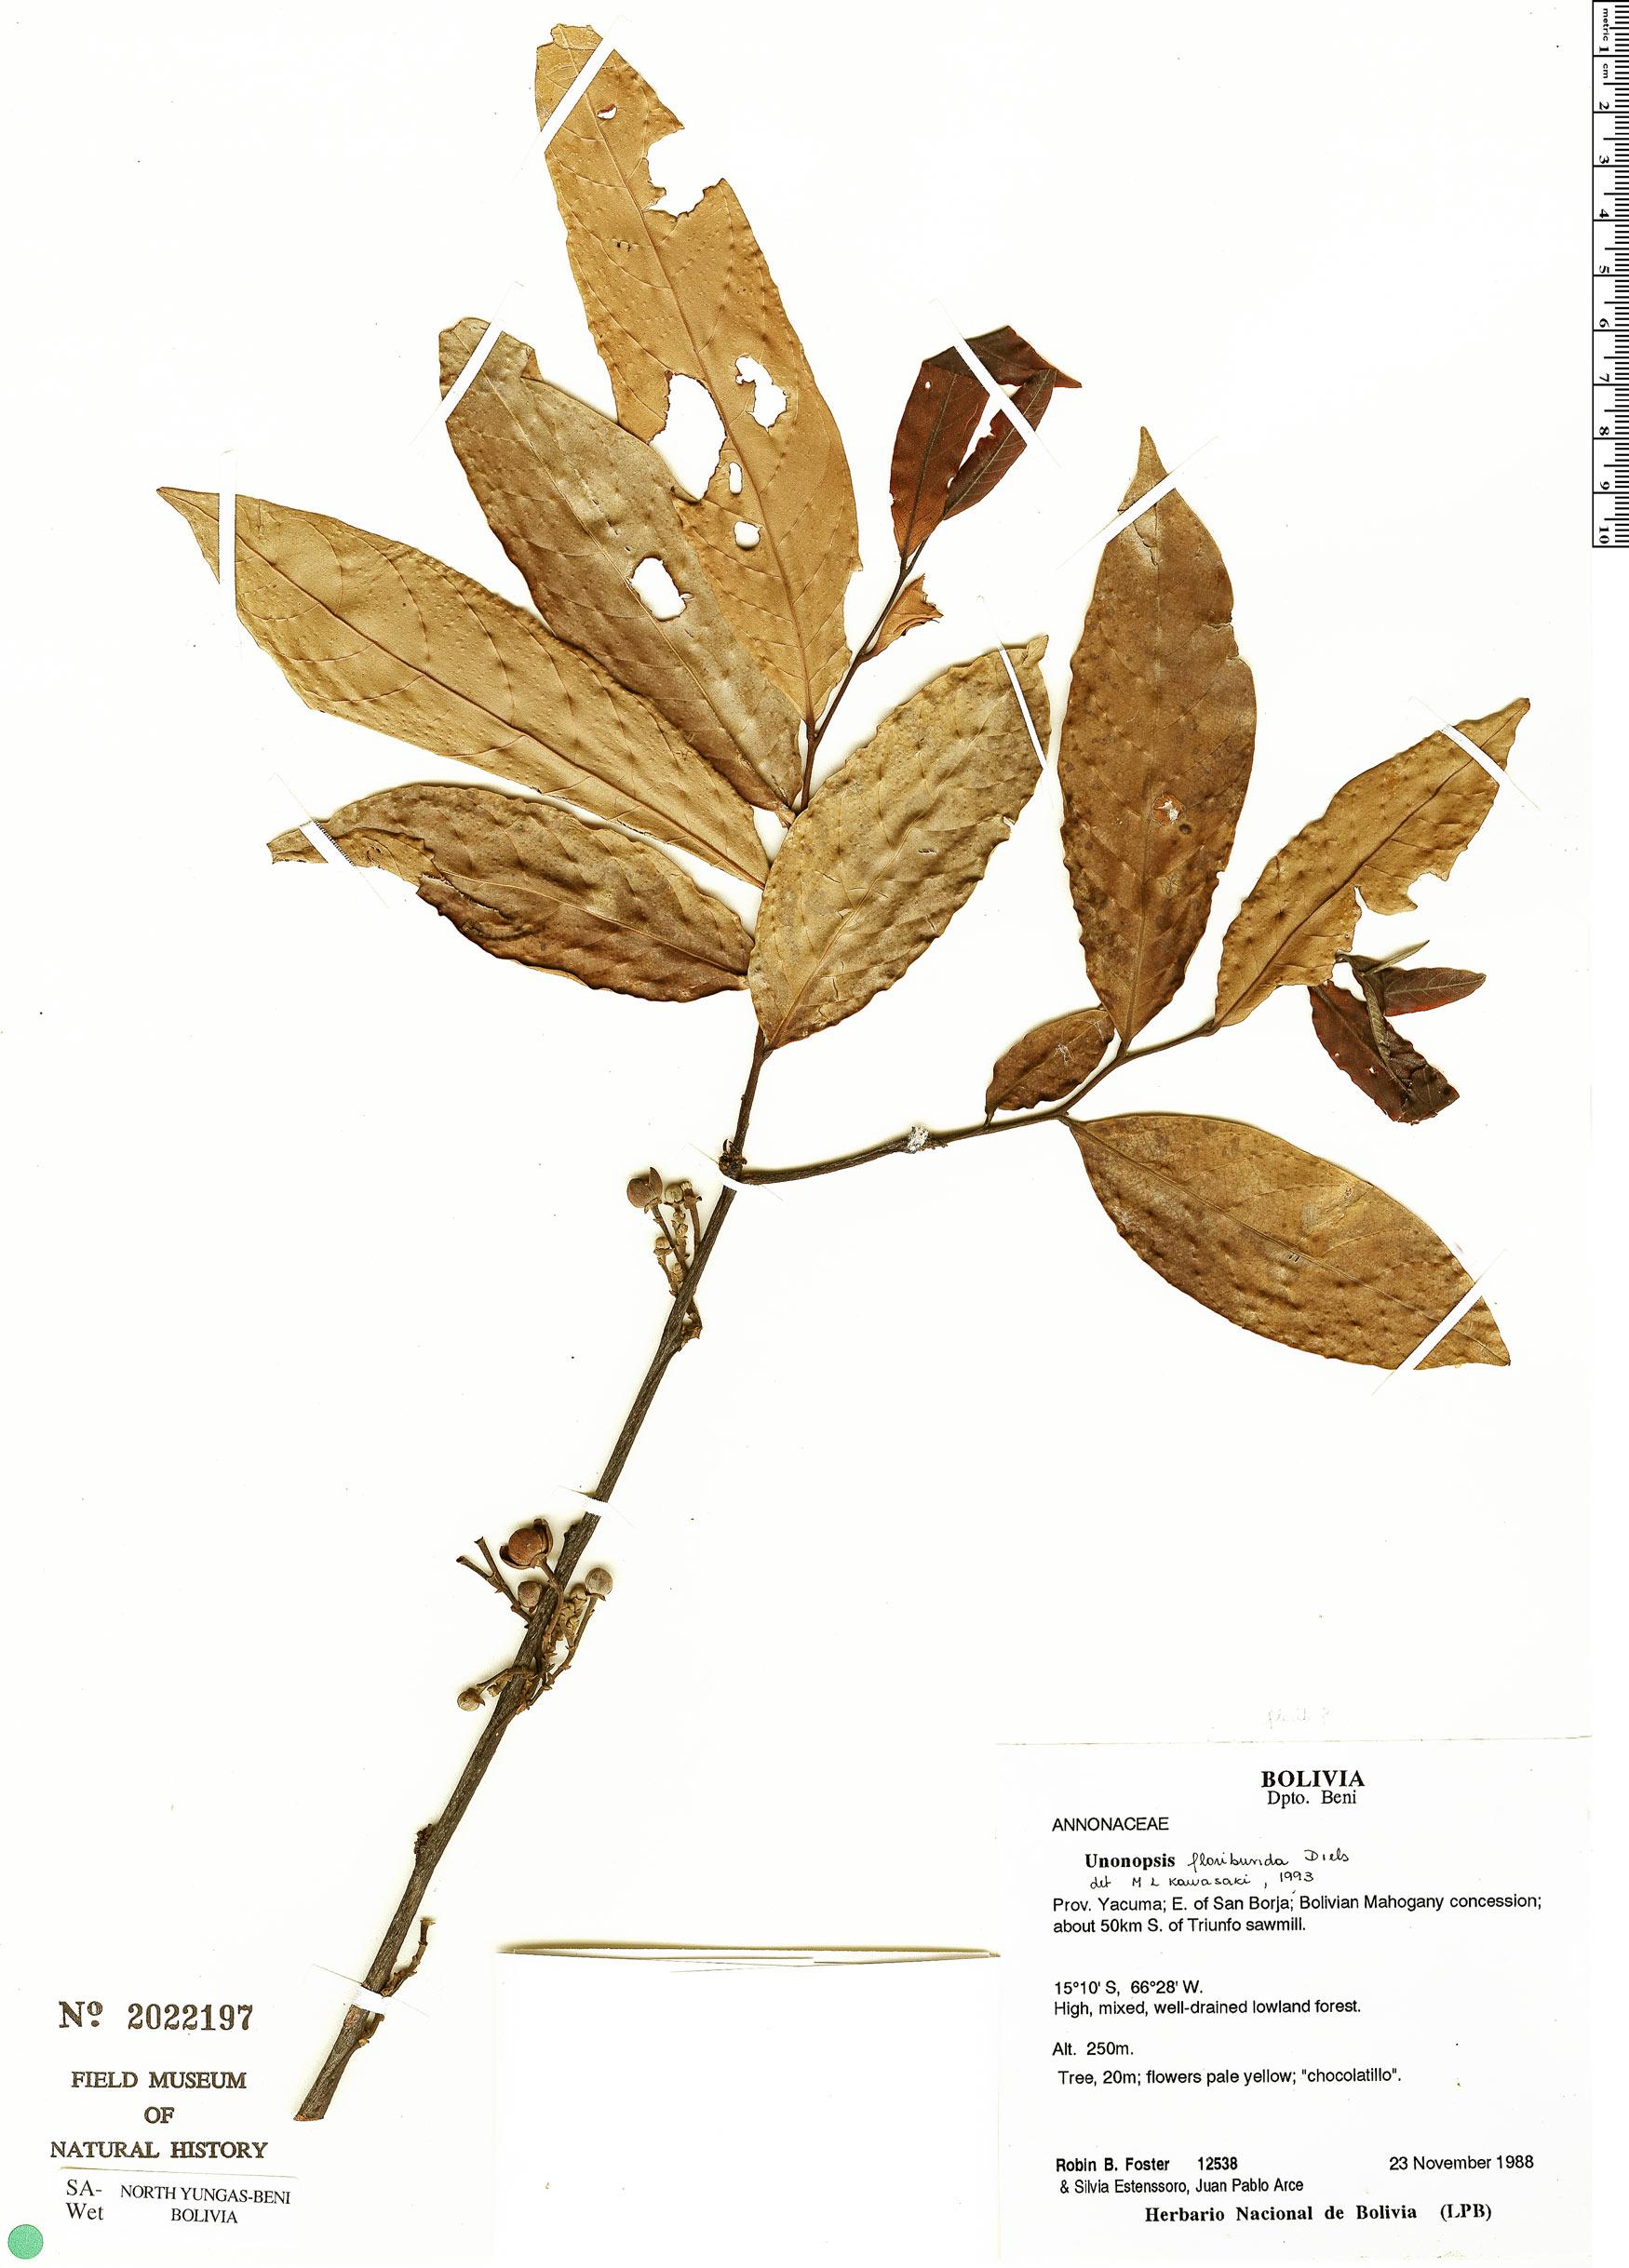 Specimen: Unonopsis floribunda